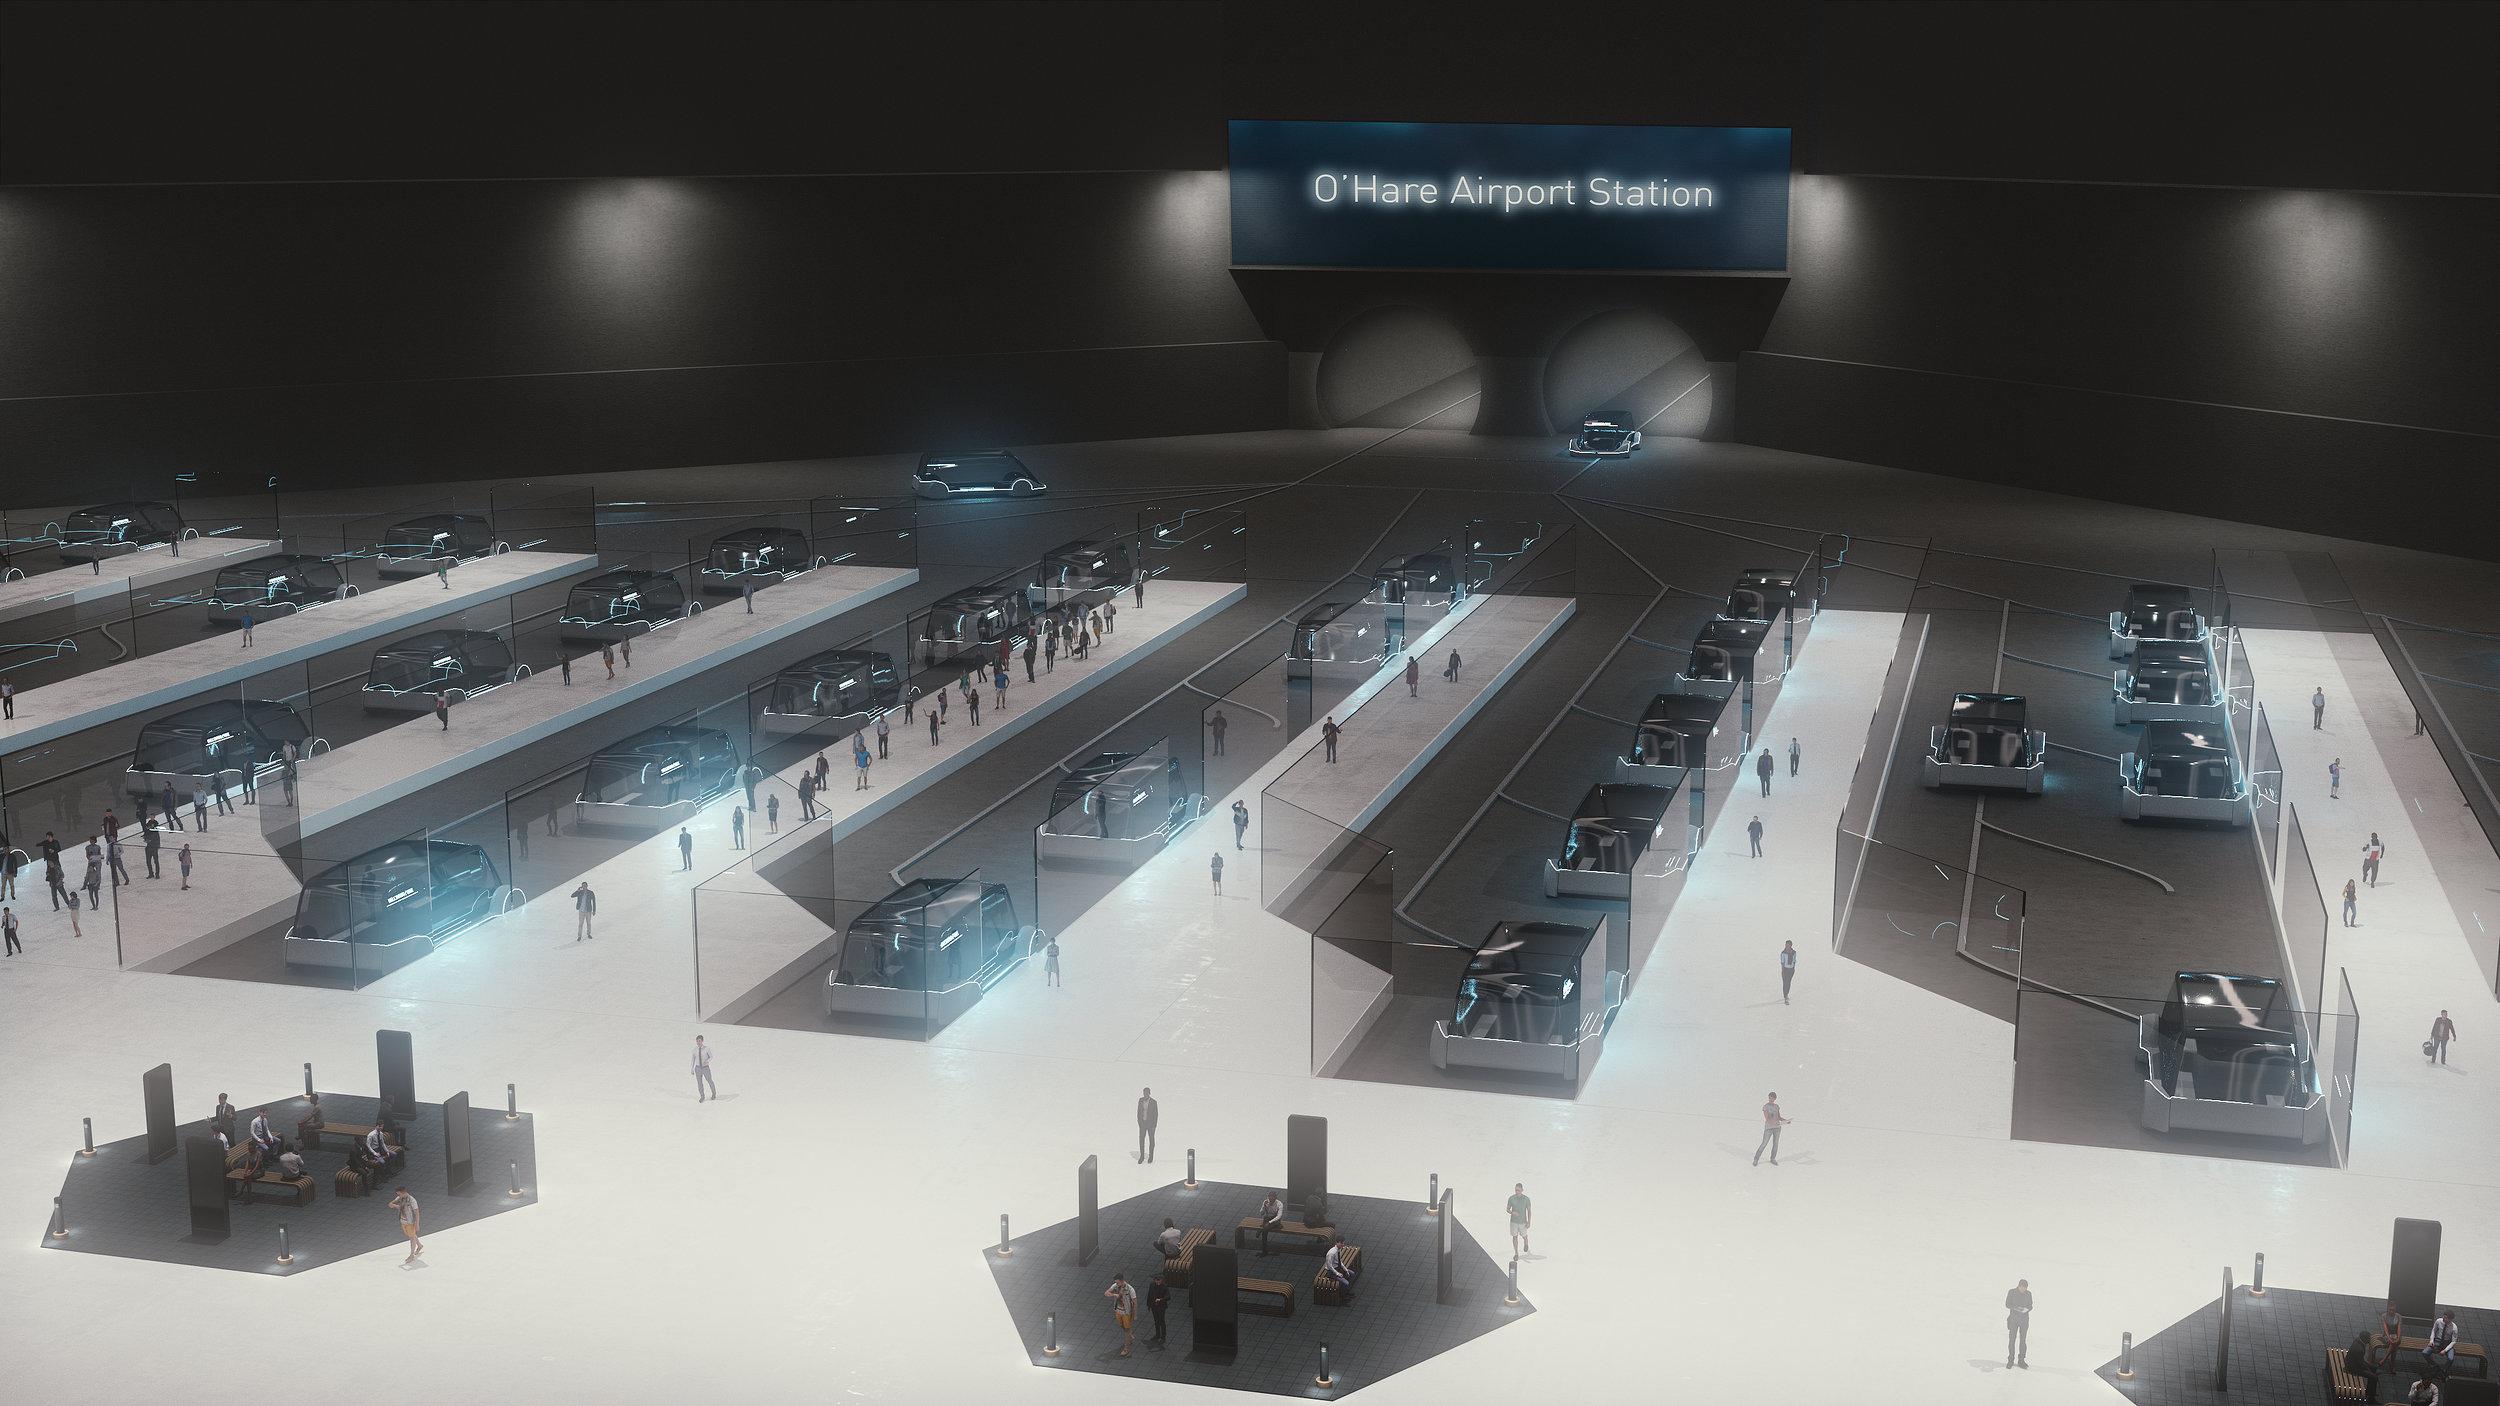 Takto by měla vypadat hlavní stanice chystaného podzemního systému na letišti O'Hare